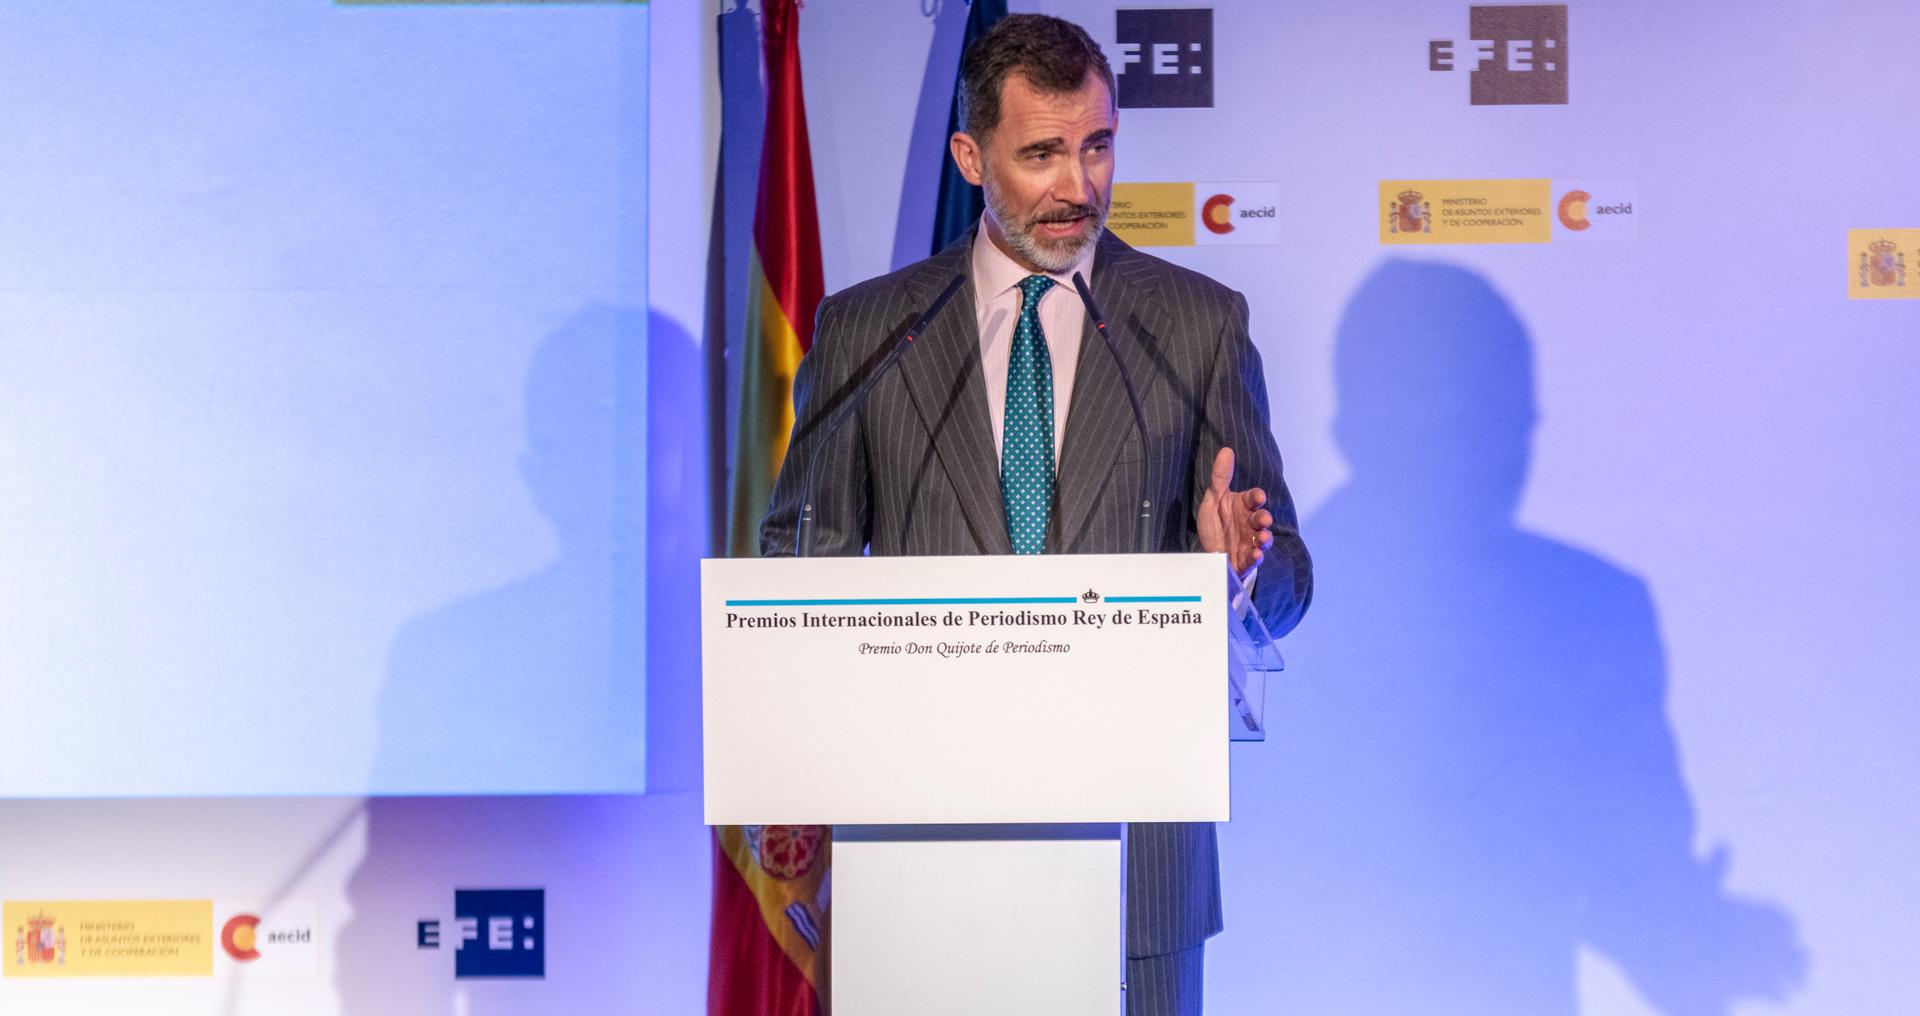 Premios periodismo Rey de España